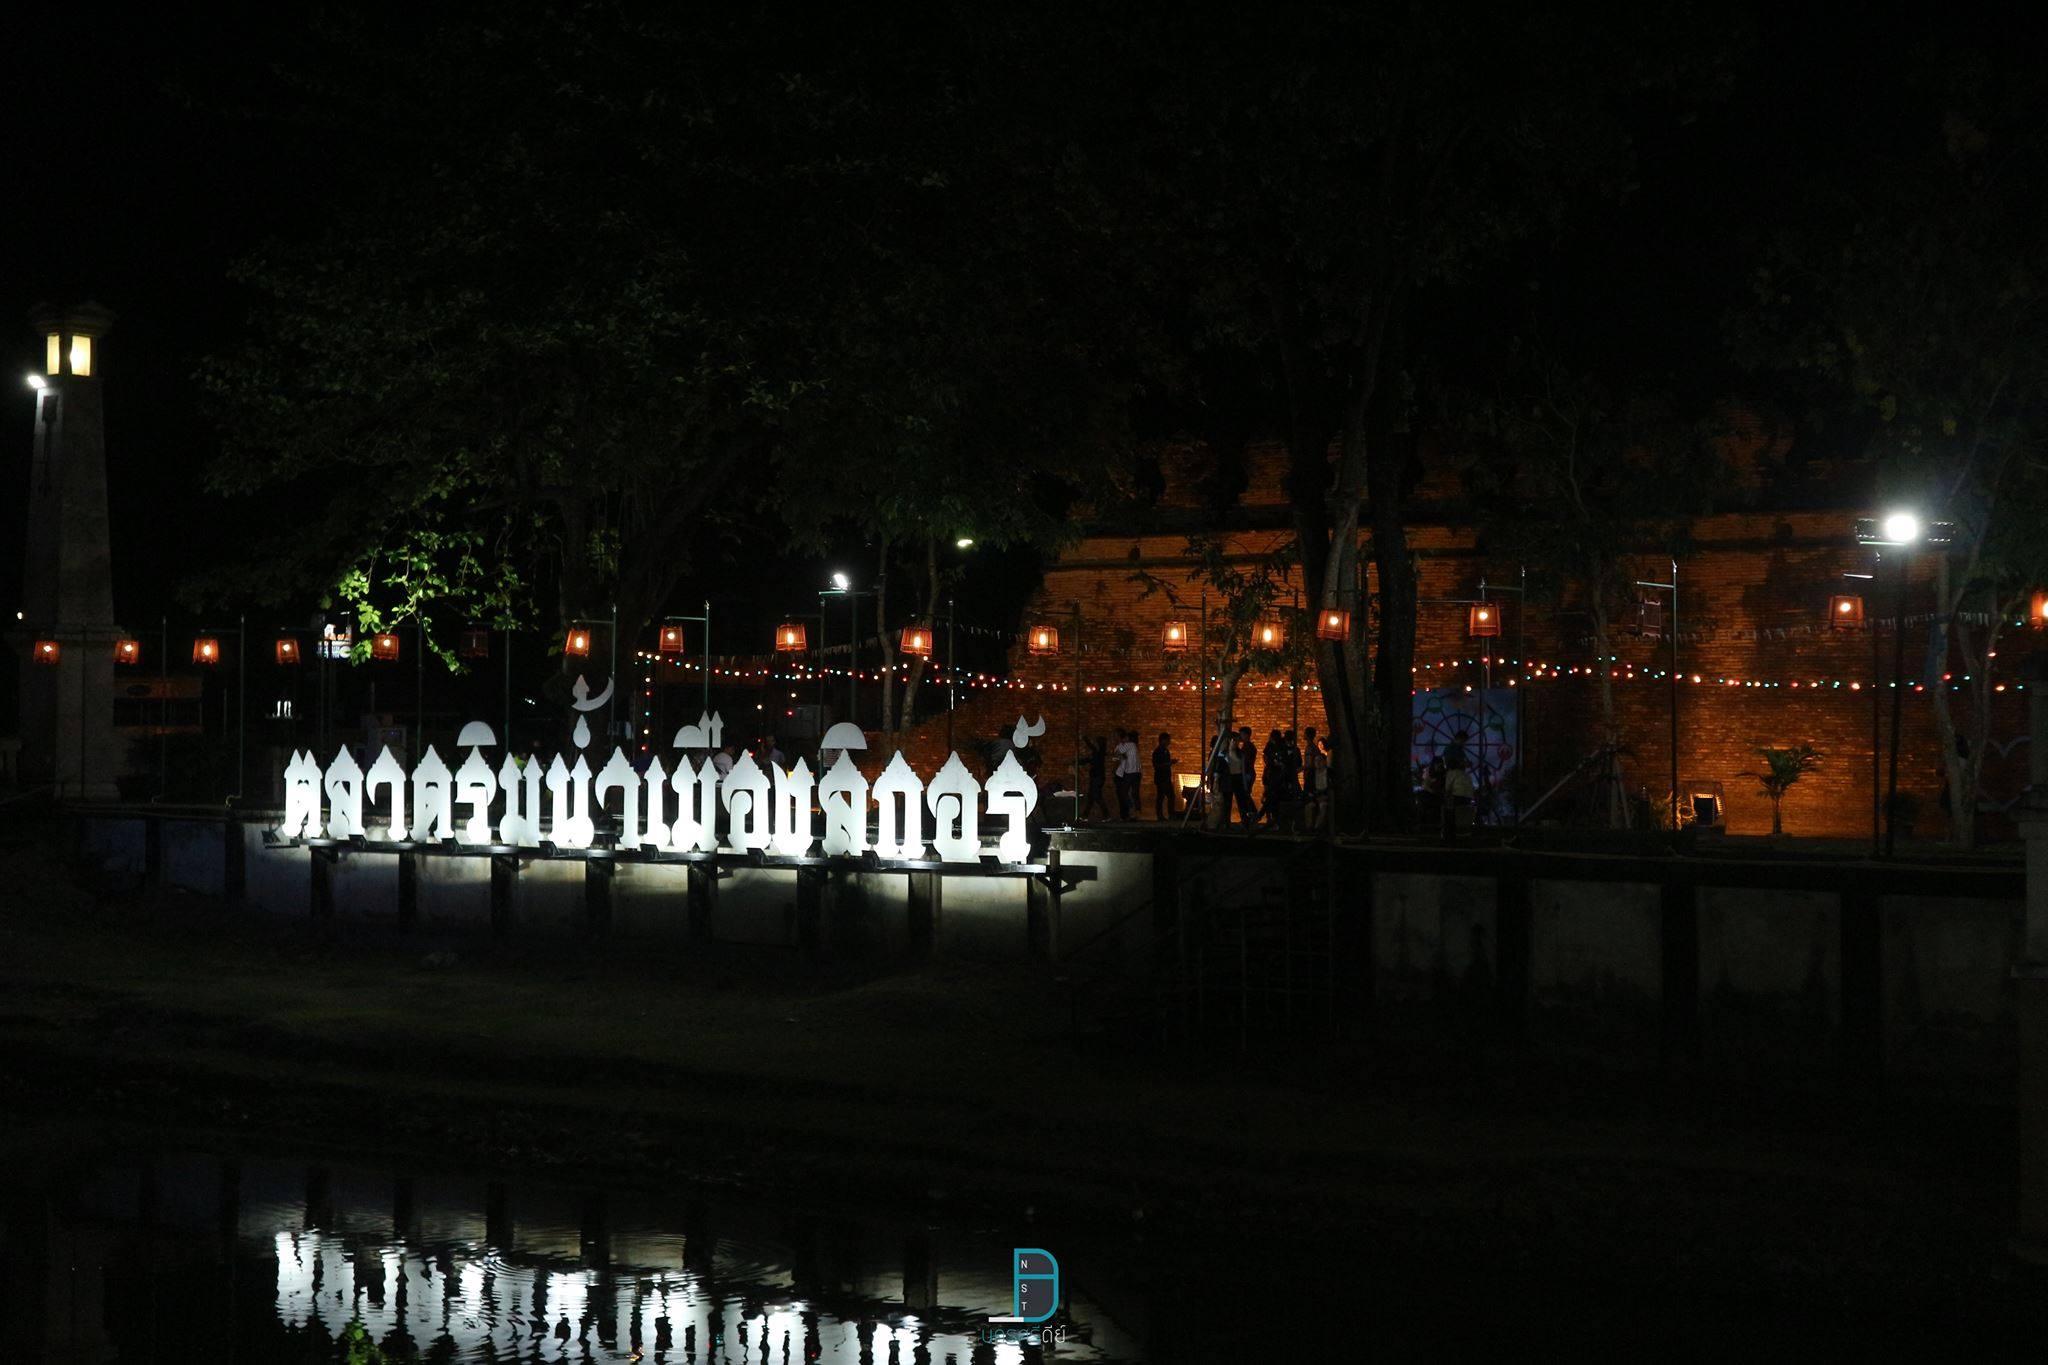 17.-ตลาดริมน้ำเมืองลิกอร์---สนามหน้าเมืองง  แหล่งท่องเที่ยว,นครศรี,จุดเช็คอิน,จุดถ่ายรูป,คาเฟ่,ของกิน,จุดกิน